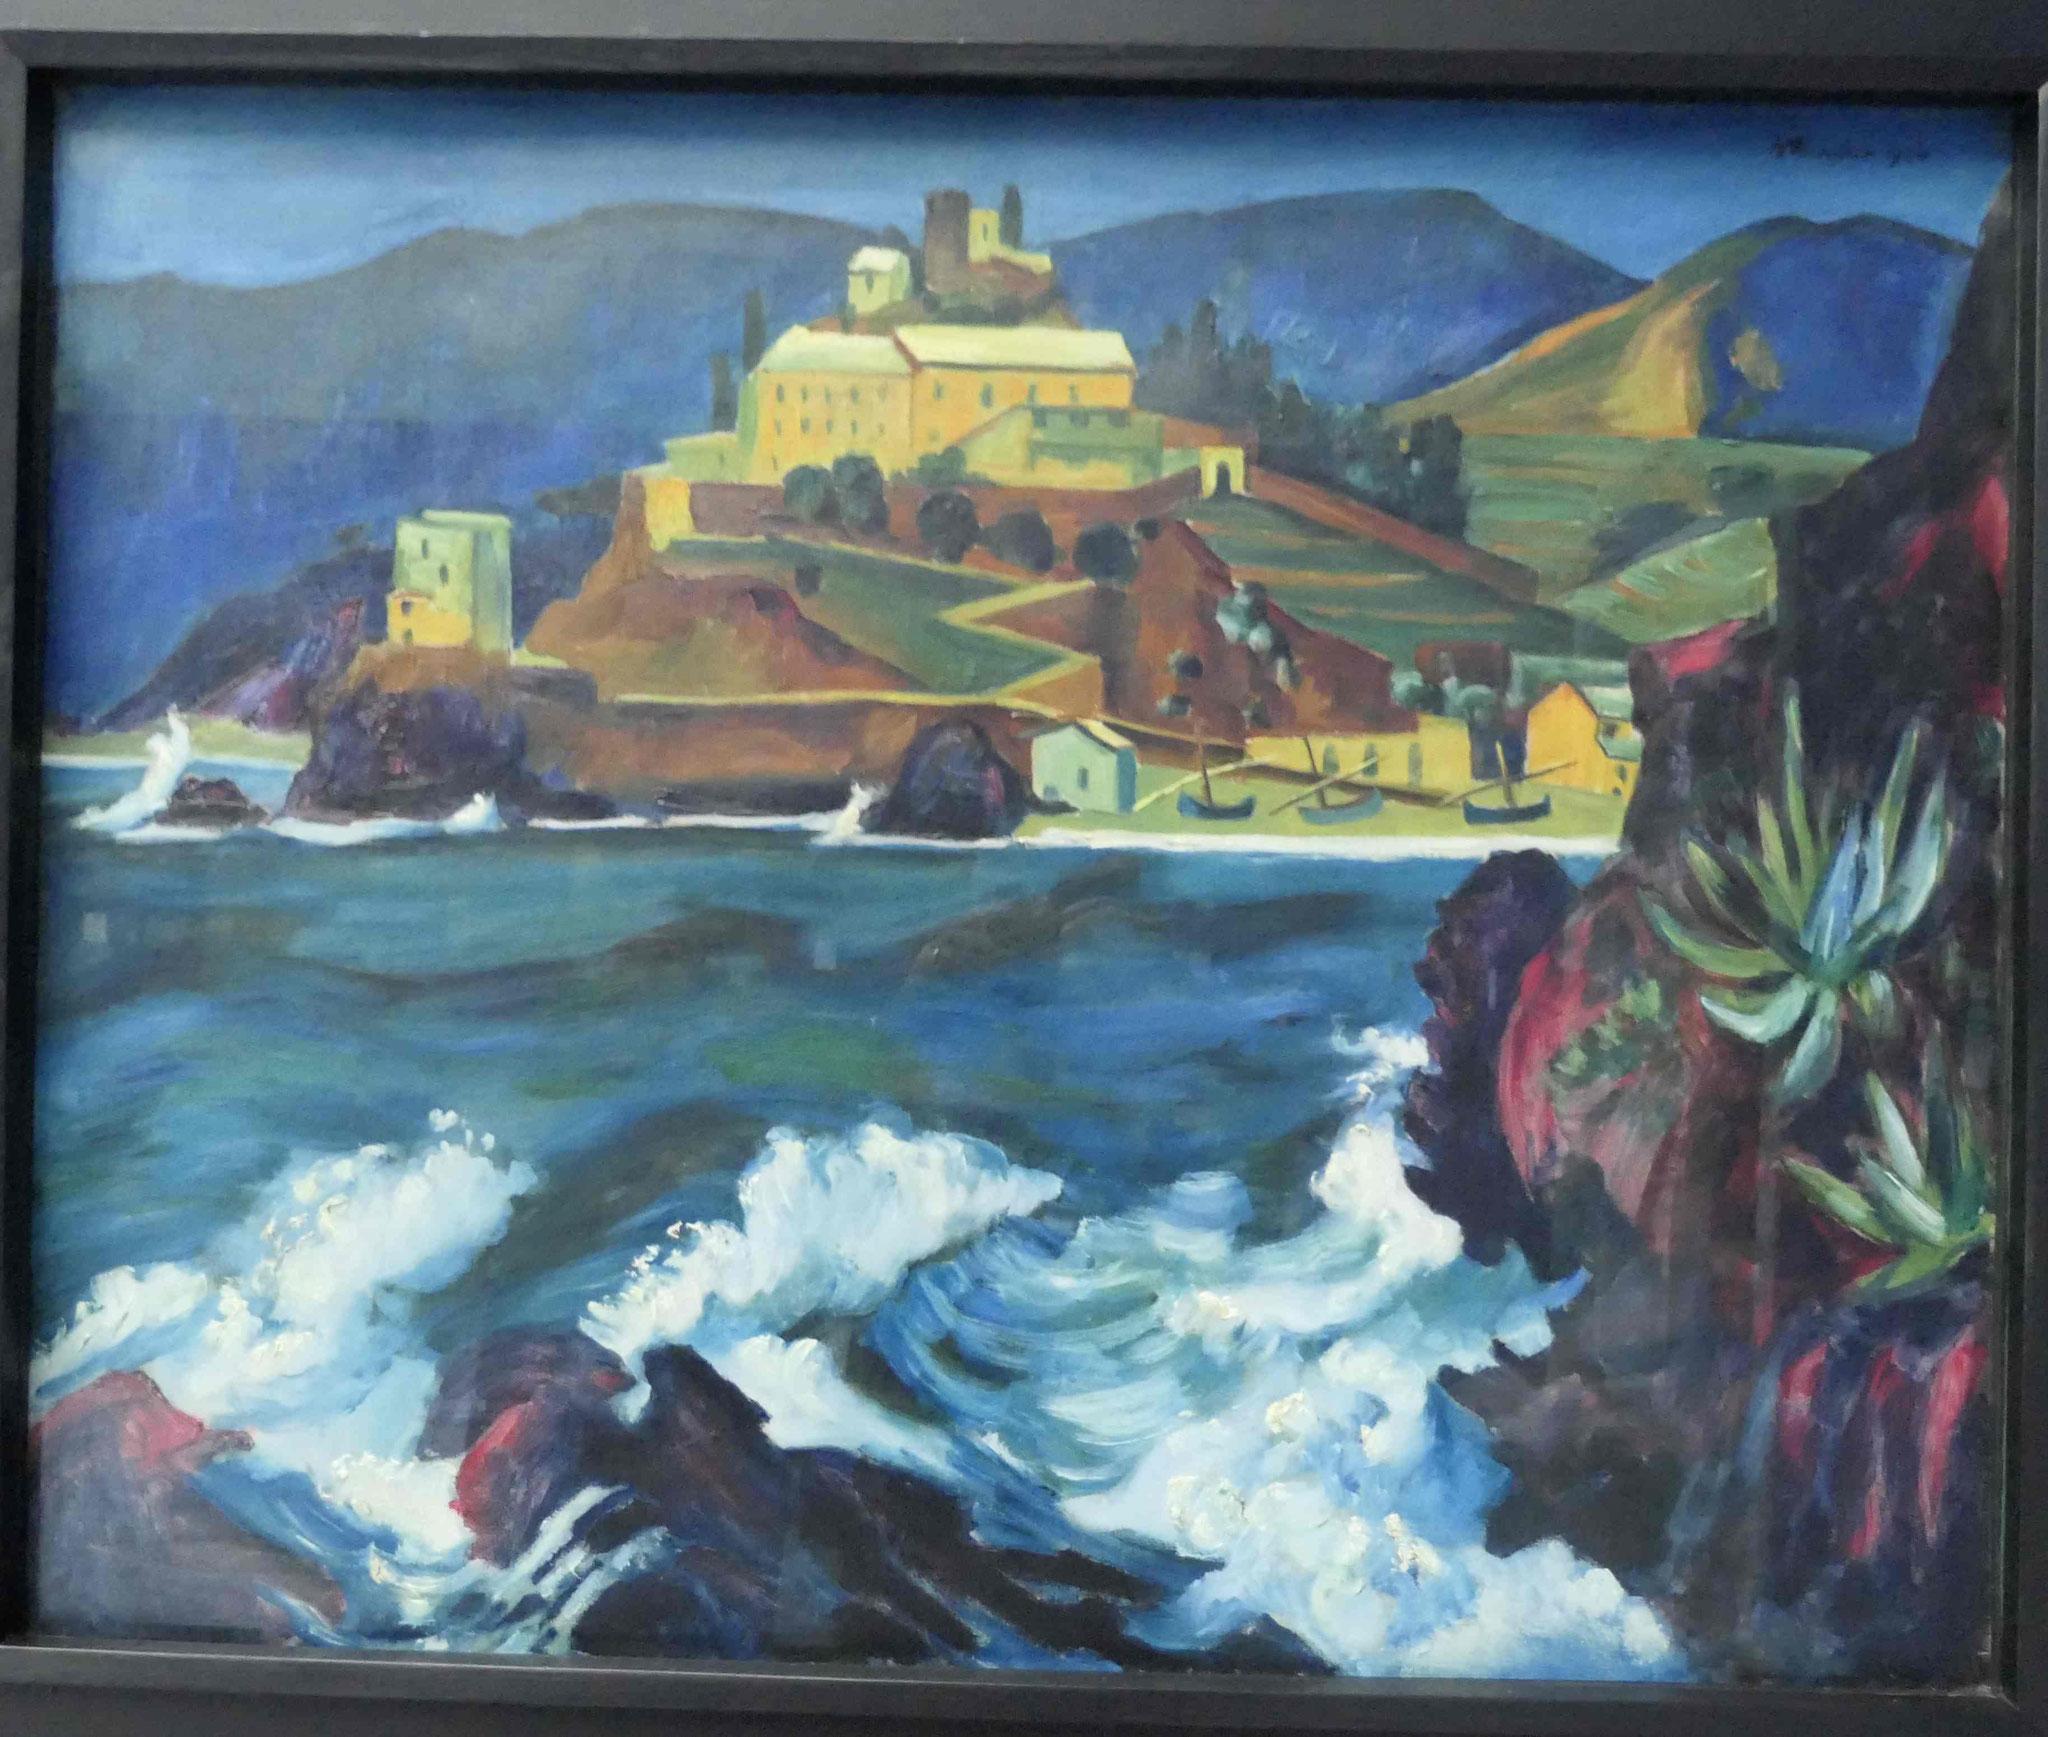 Max Pechstein, Convent von Monterosso al mare, 1924, Kunsthalle zu Kiel